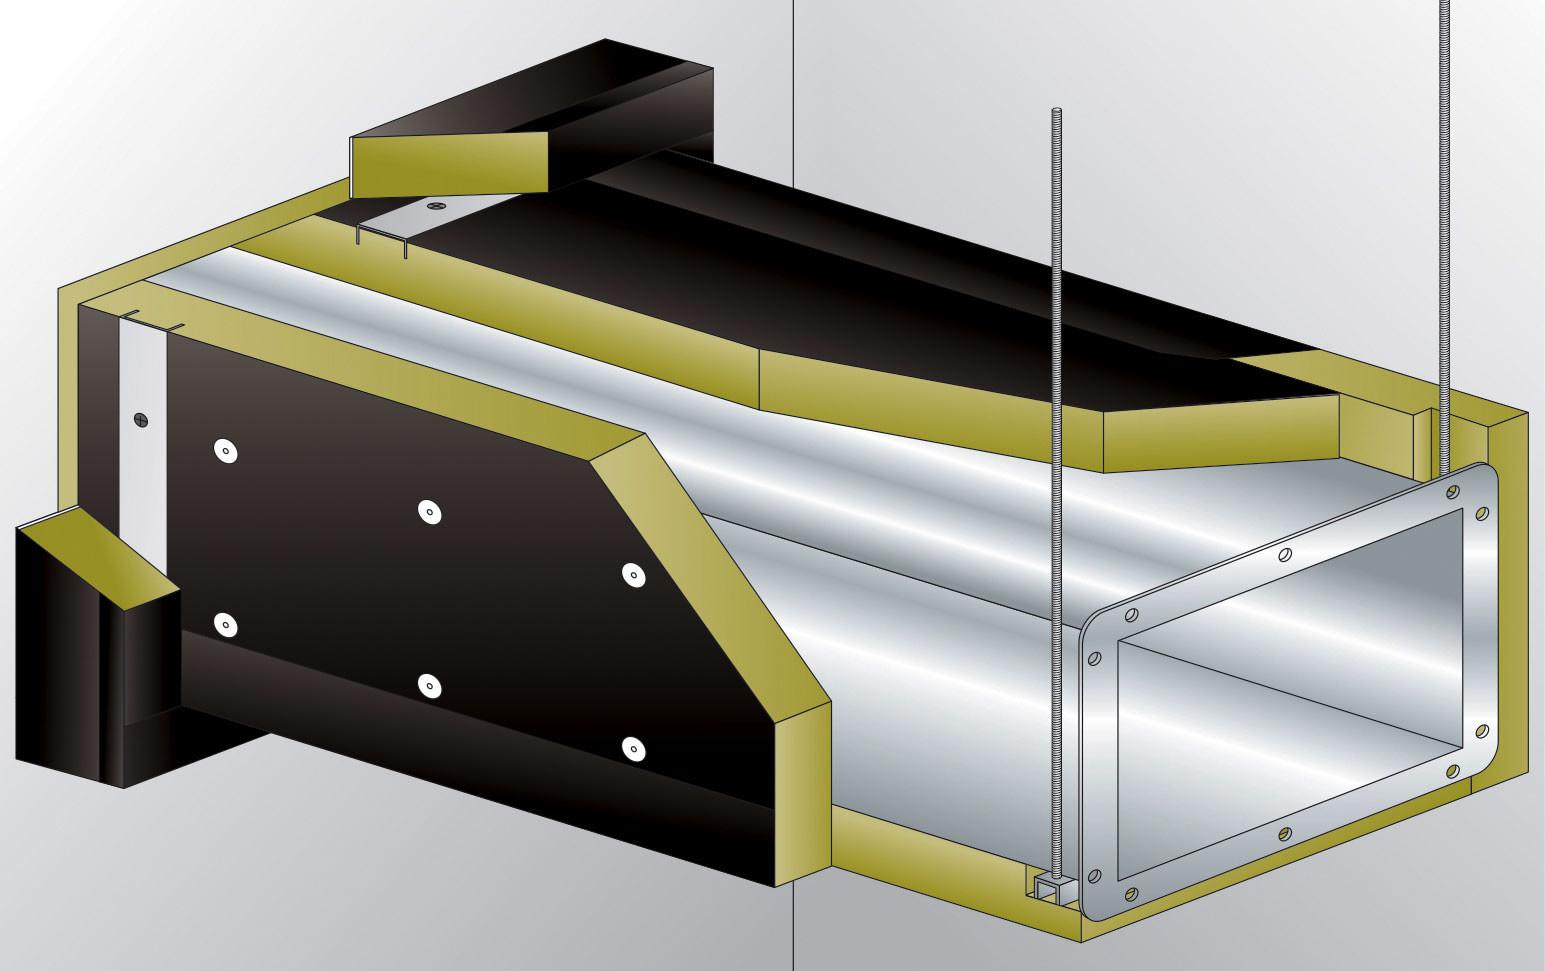 conlit duct board 90 schlanke steinwolle platten zur d mmung von l ftungskan len aus stahlblech. Black Bedroom Furniture Sets. Home Design Ideas